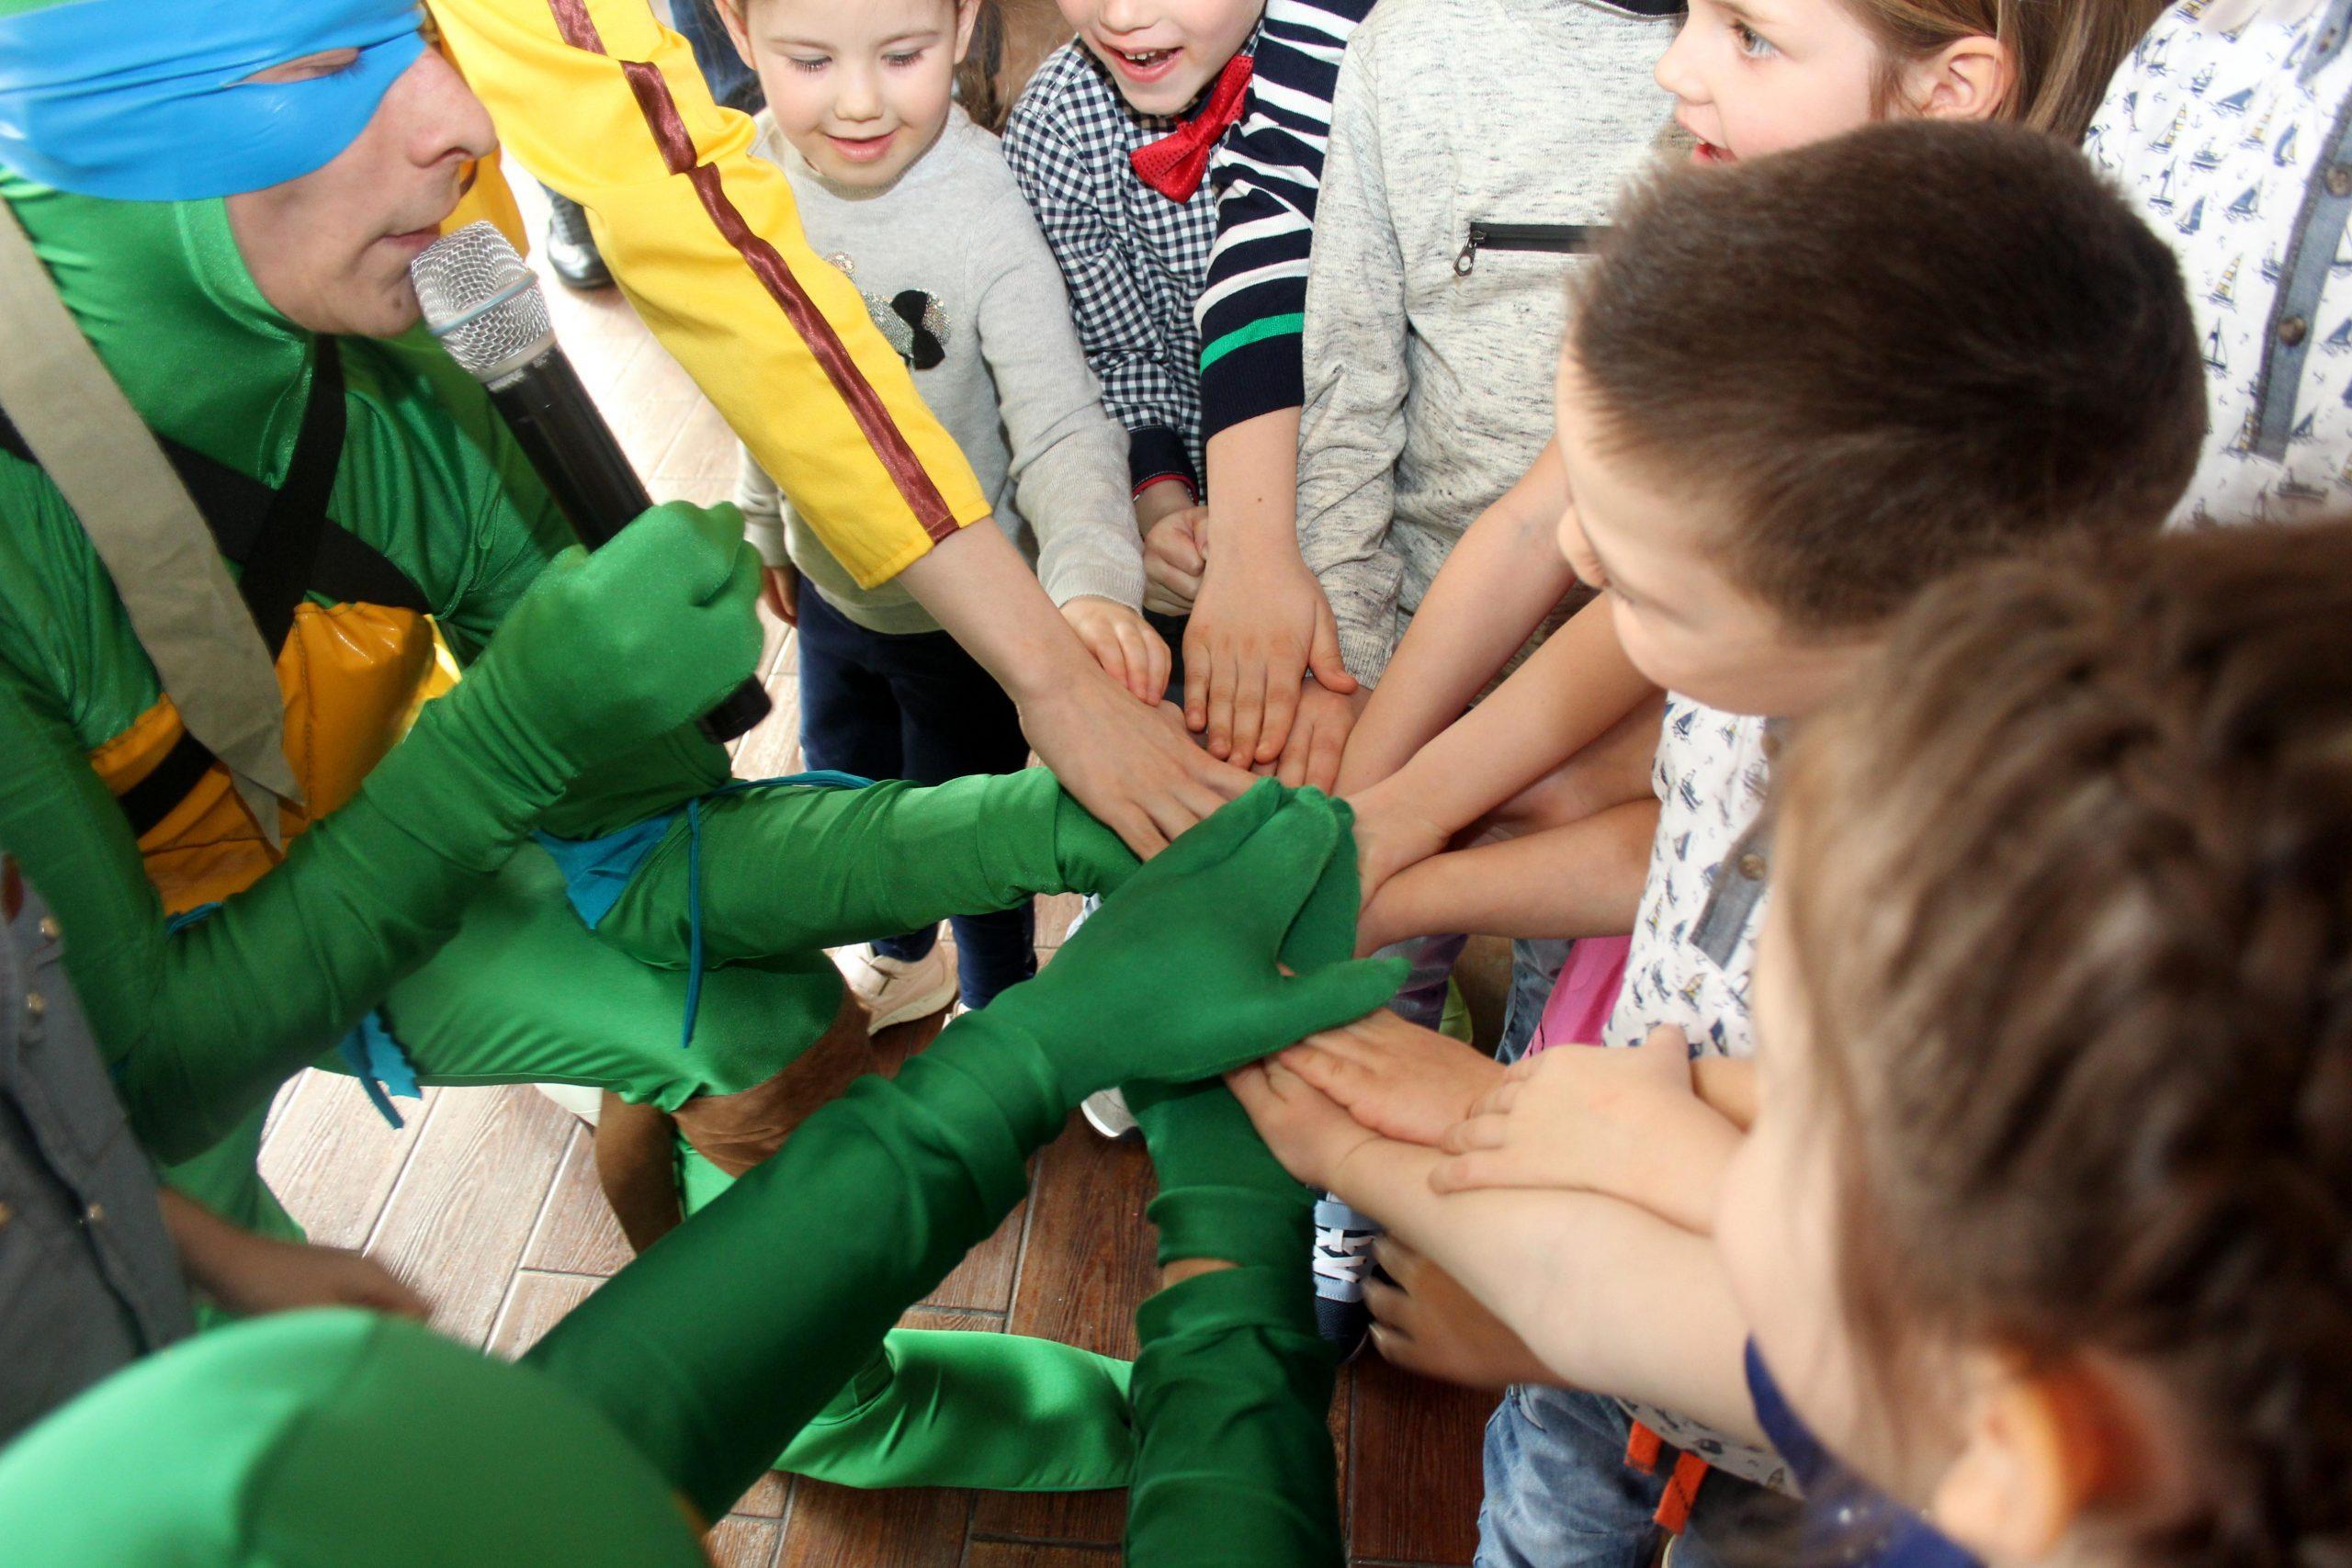 Аниматоры черепашки ниндзя, Эйприл Онил держатся за руки с детьми